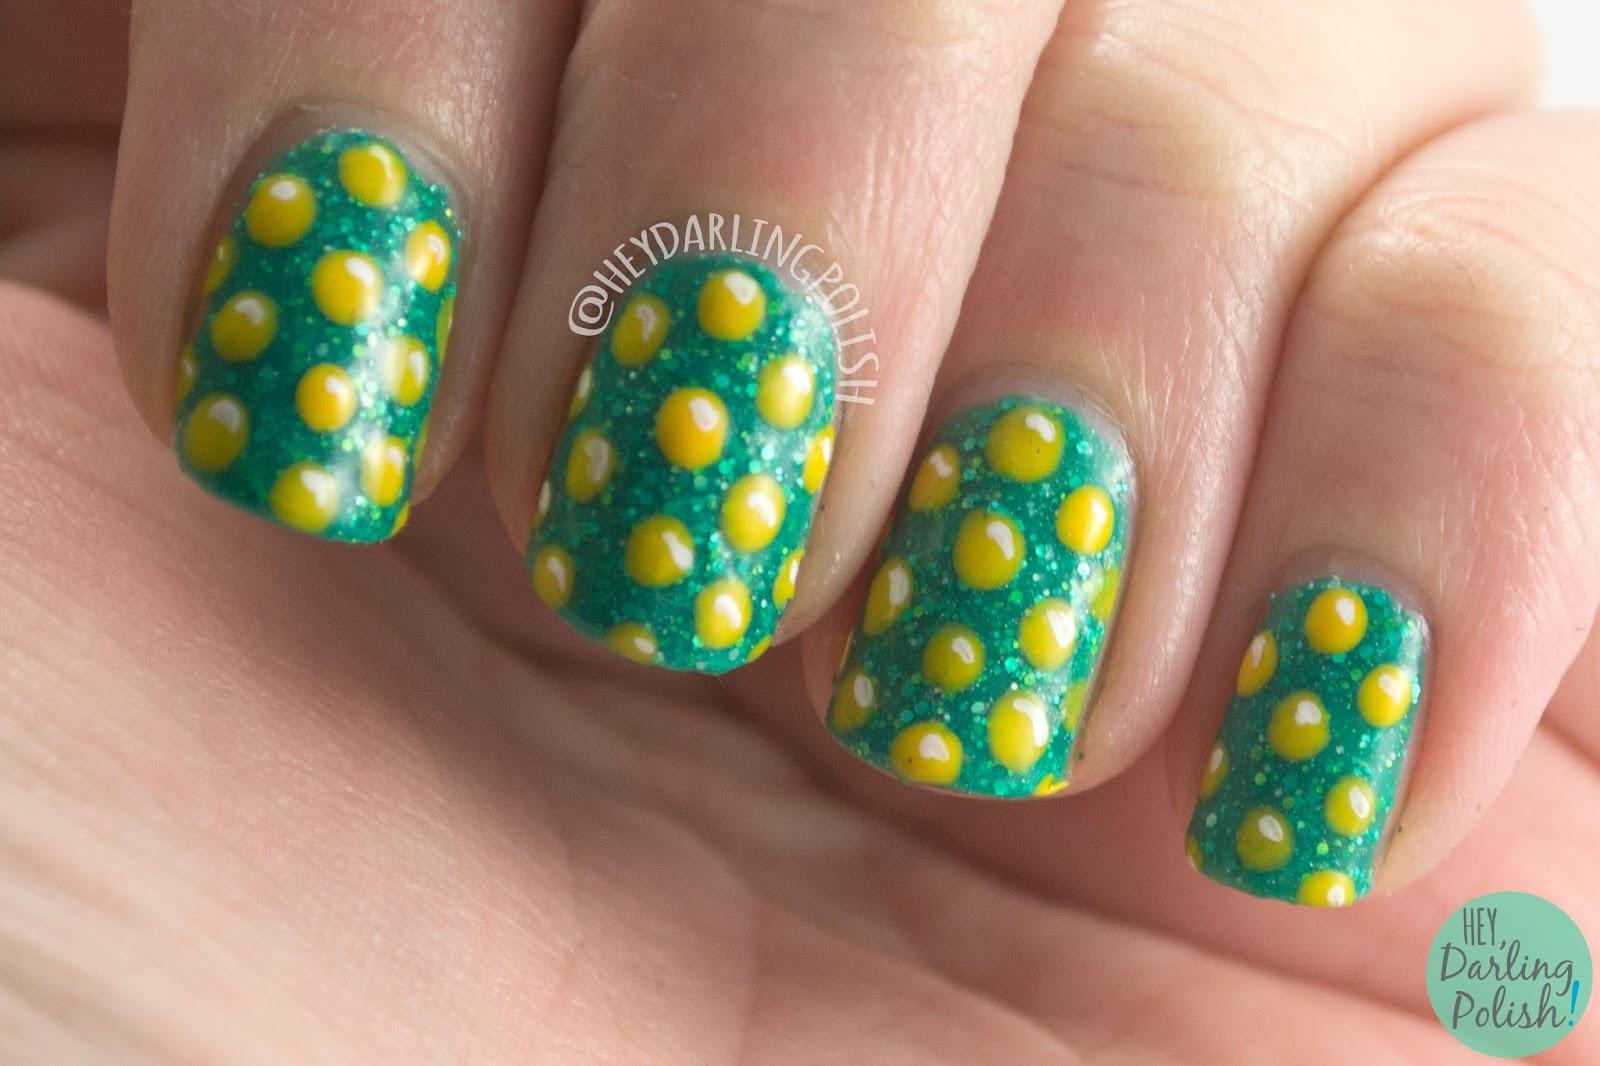 nails, nail art, nail polish, saint patricks day, polka dots, gold coins, green, indie polish, gold, hey darling polish, hobby polish bloggers